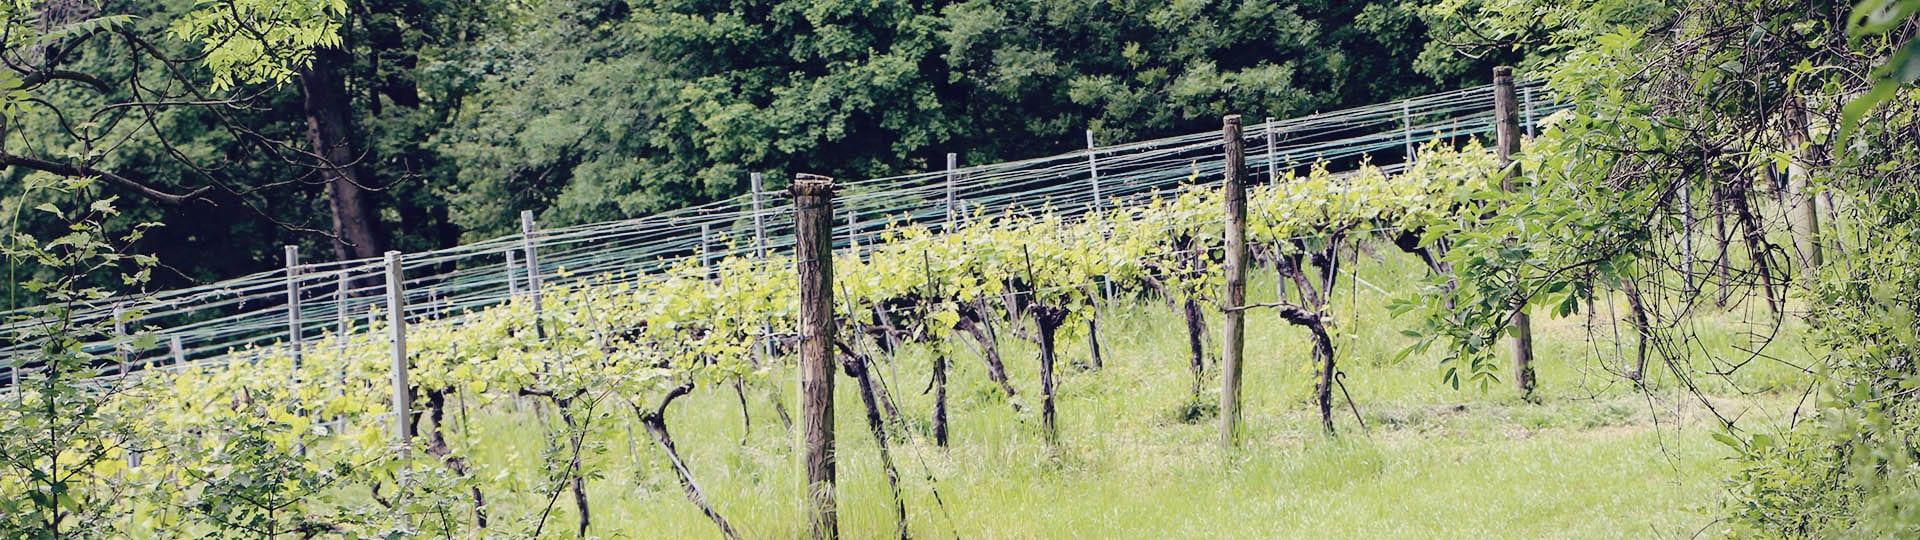 Viena e a tradição dos seus vinhos - maiores vinhedos urbanos da Europa - 05